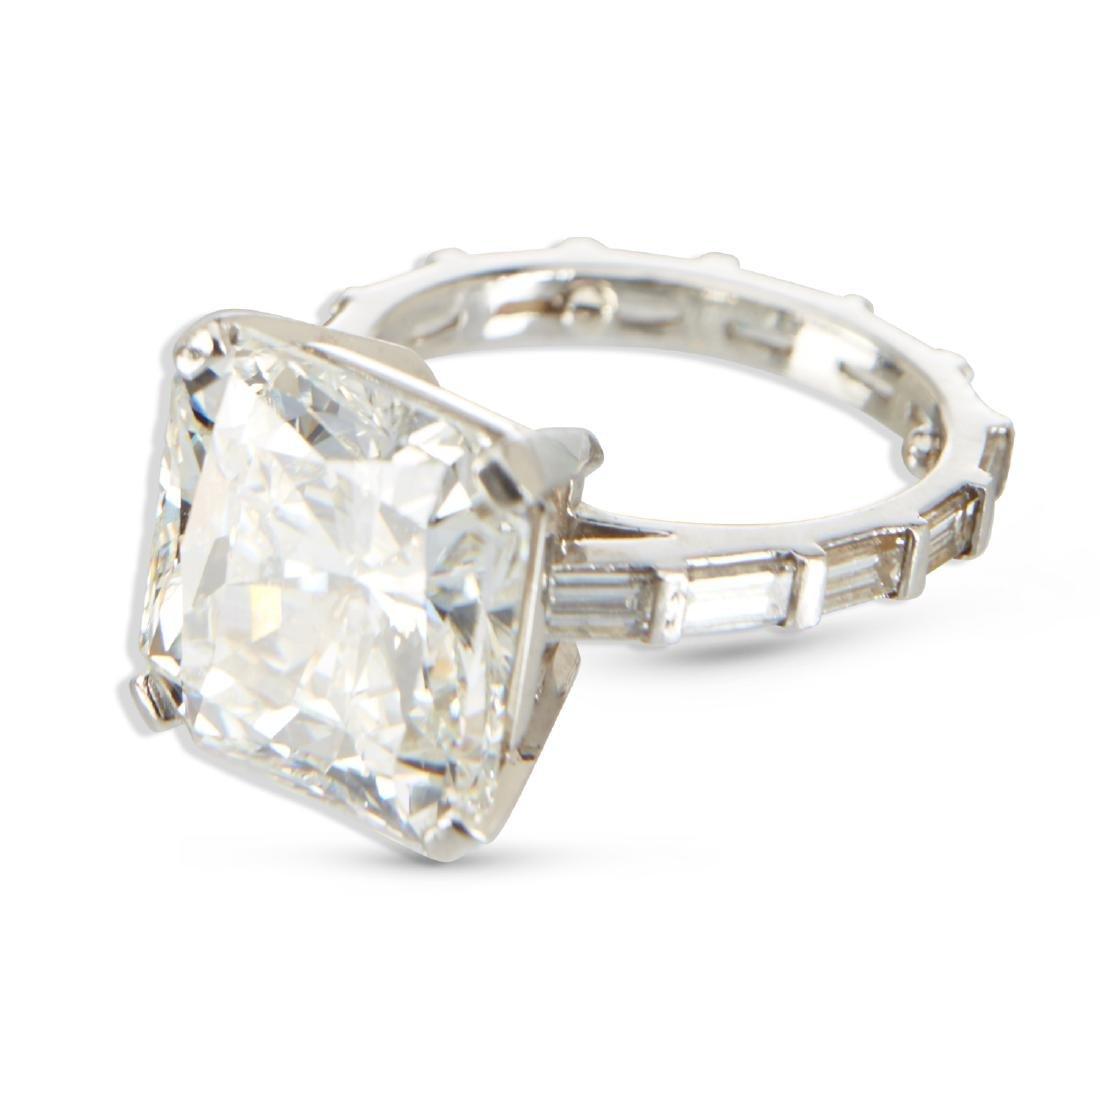 An 11-Carat Platinum Diamond Ring